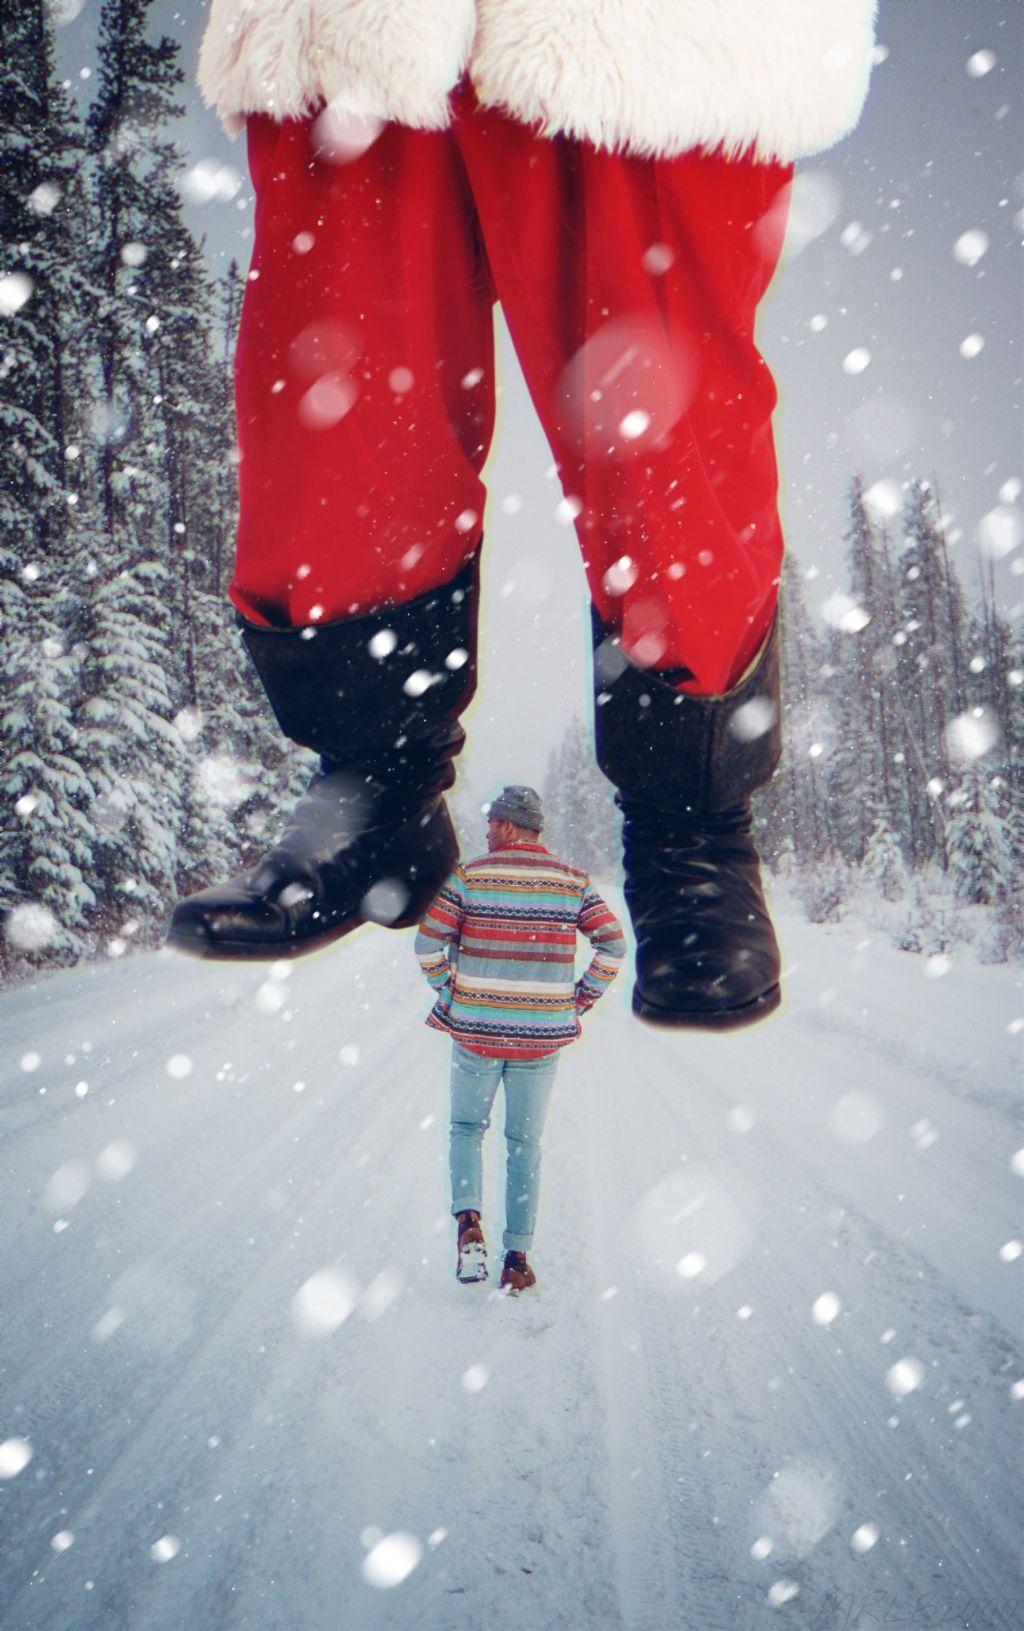 #freetoedit#winter#xmas#myart#amazing#cool#lol#fun#mrlb20000#omg#december#madewithpicsart#mrlb2000#magic#christmas @pa @freetoedit